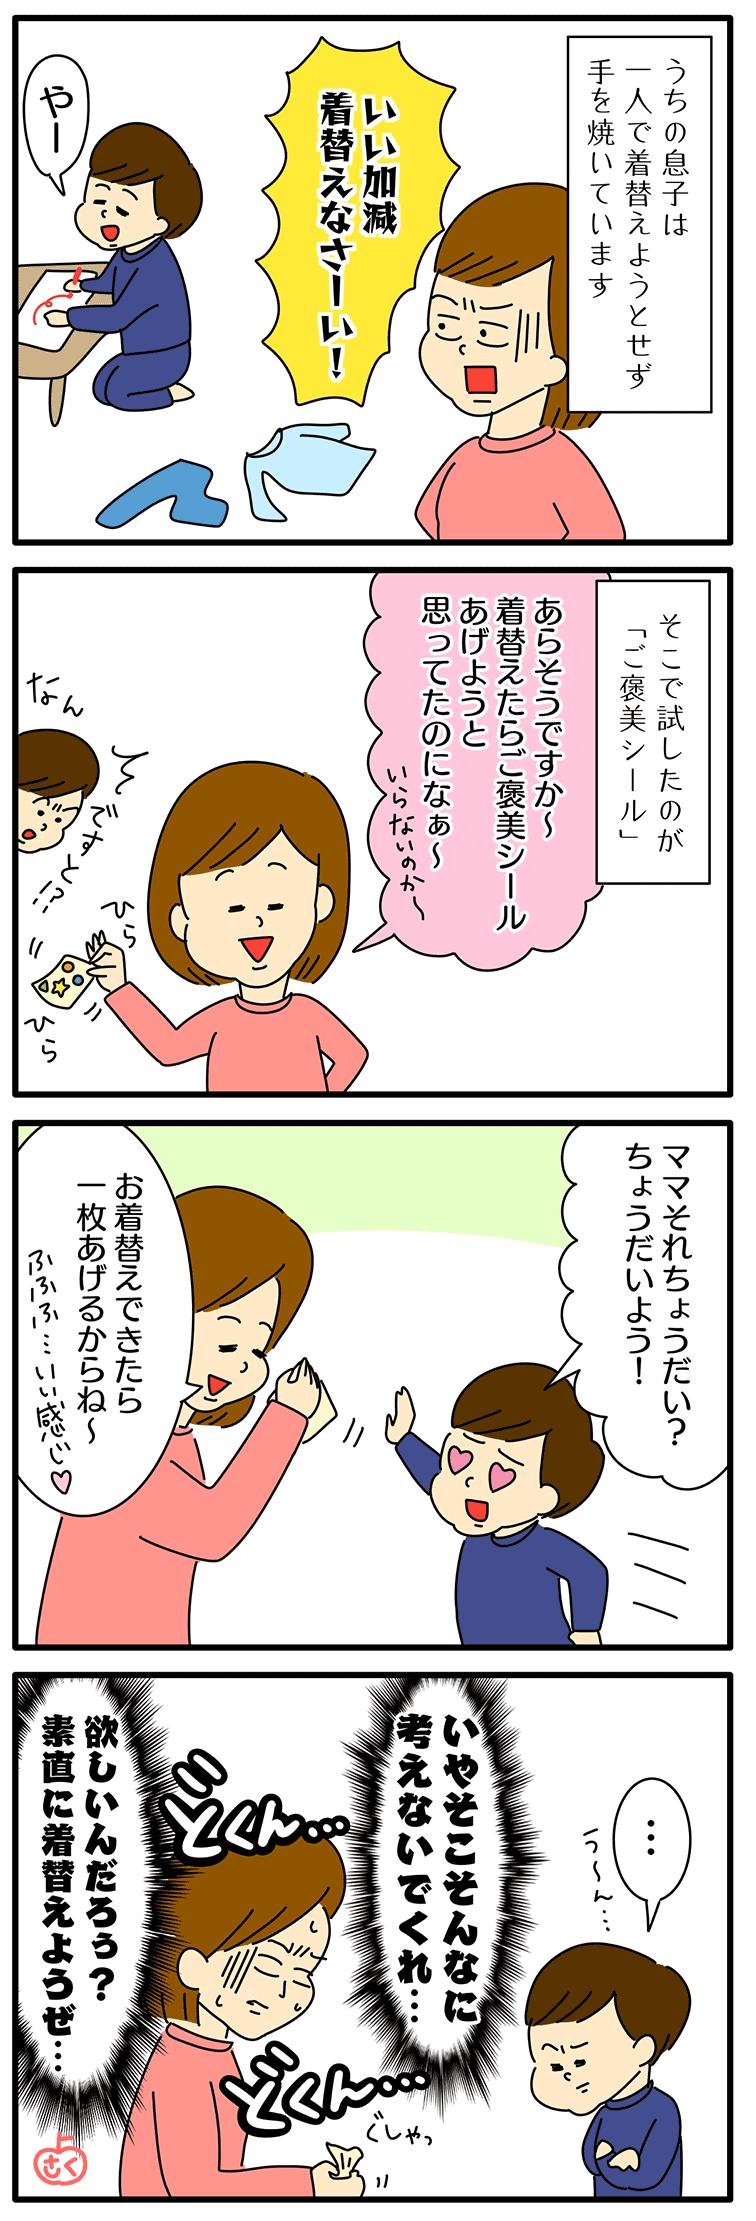 ご褒美シールの使い方についての永岡さくら(saku)さんの子育て4コマ漫画